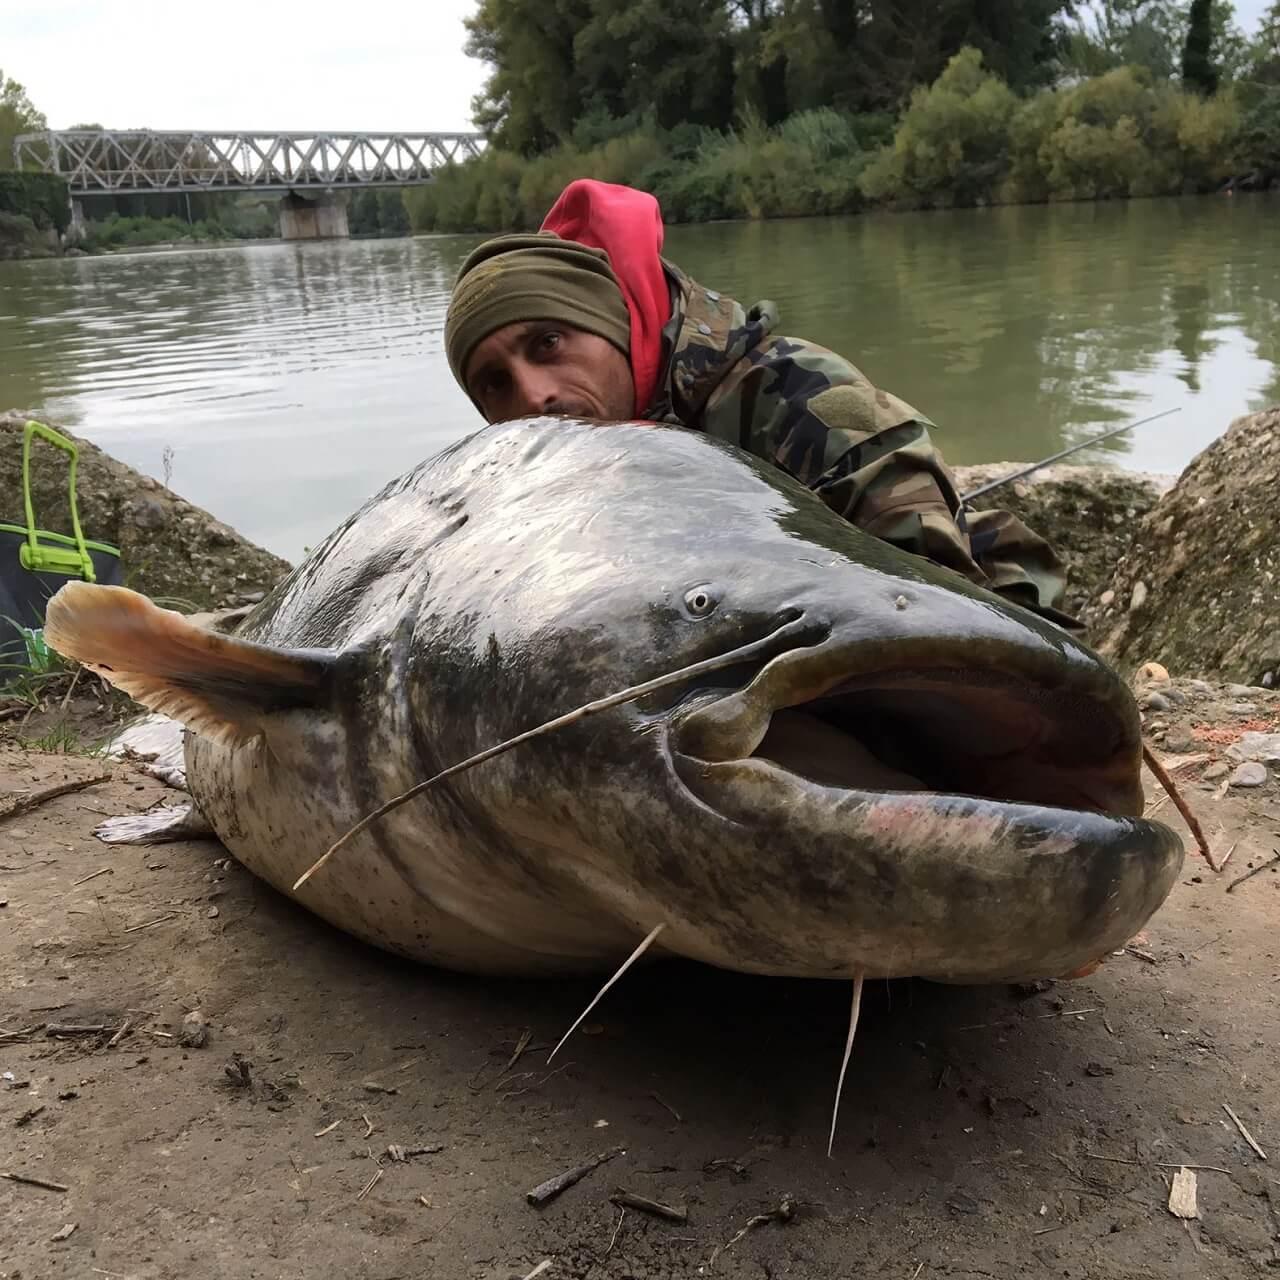 ヨーロッパオオナマズ釣り